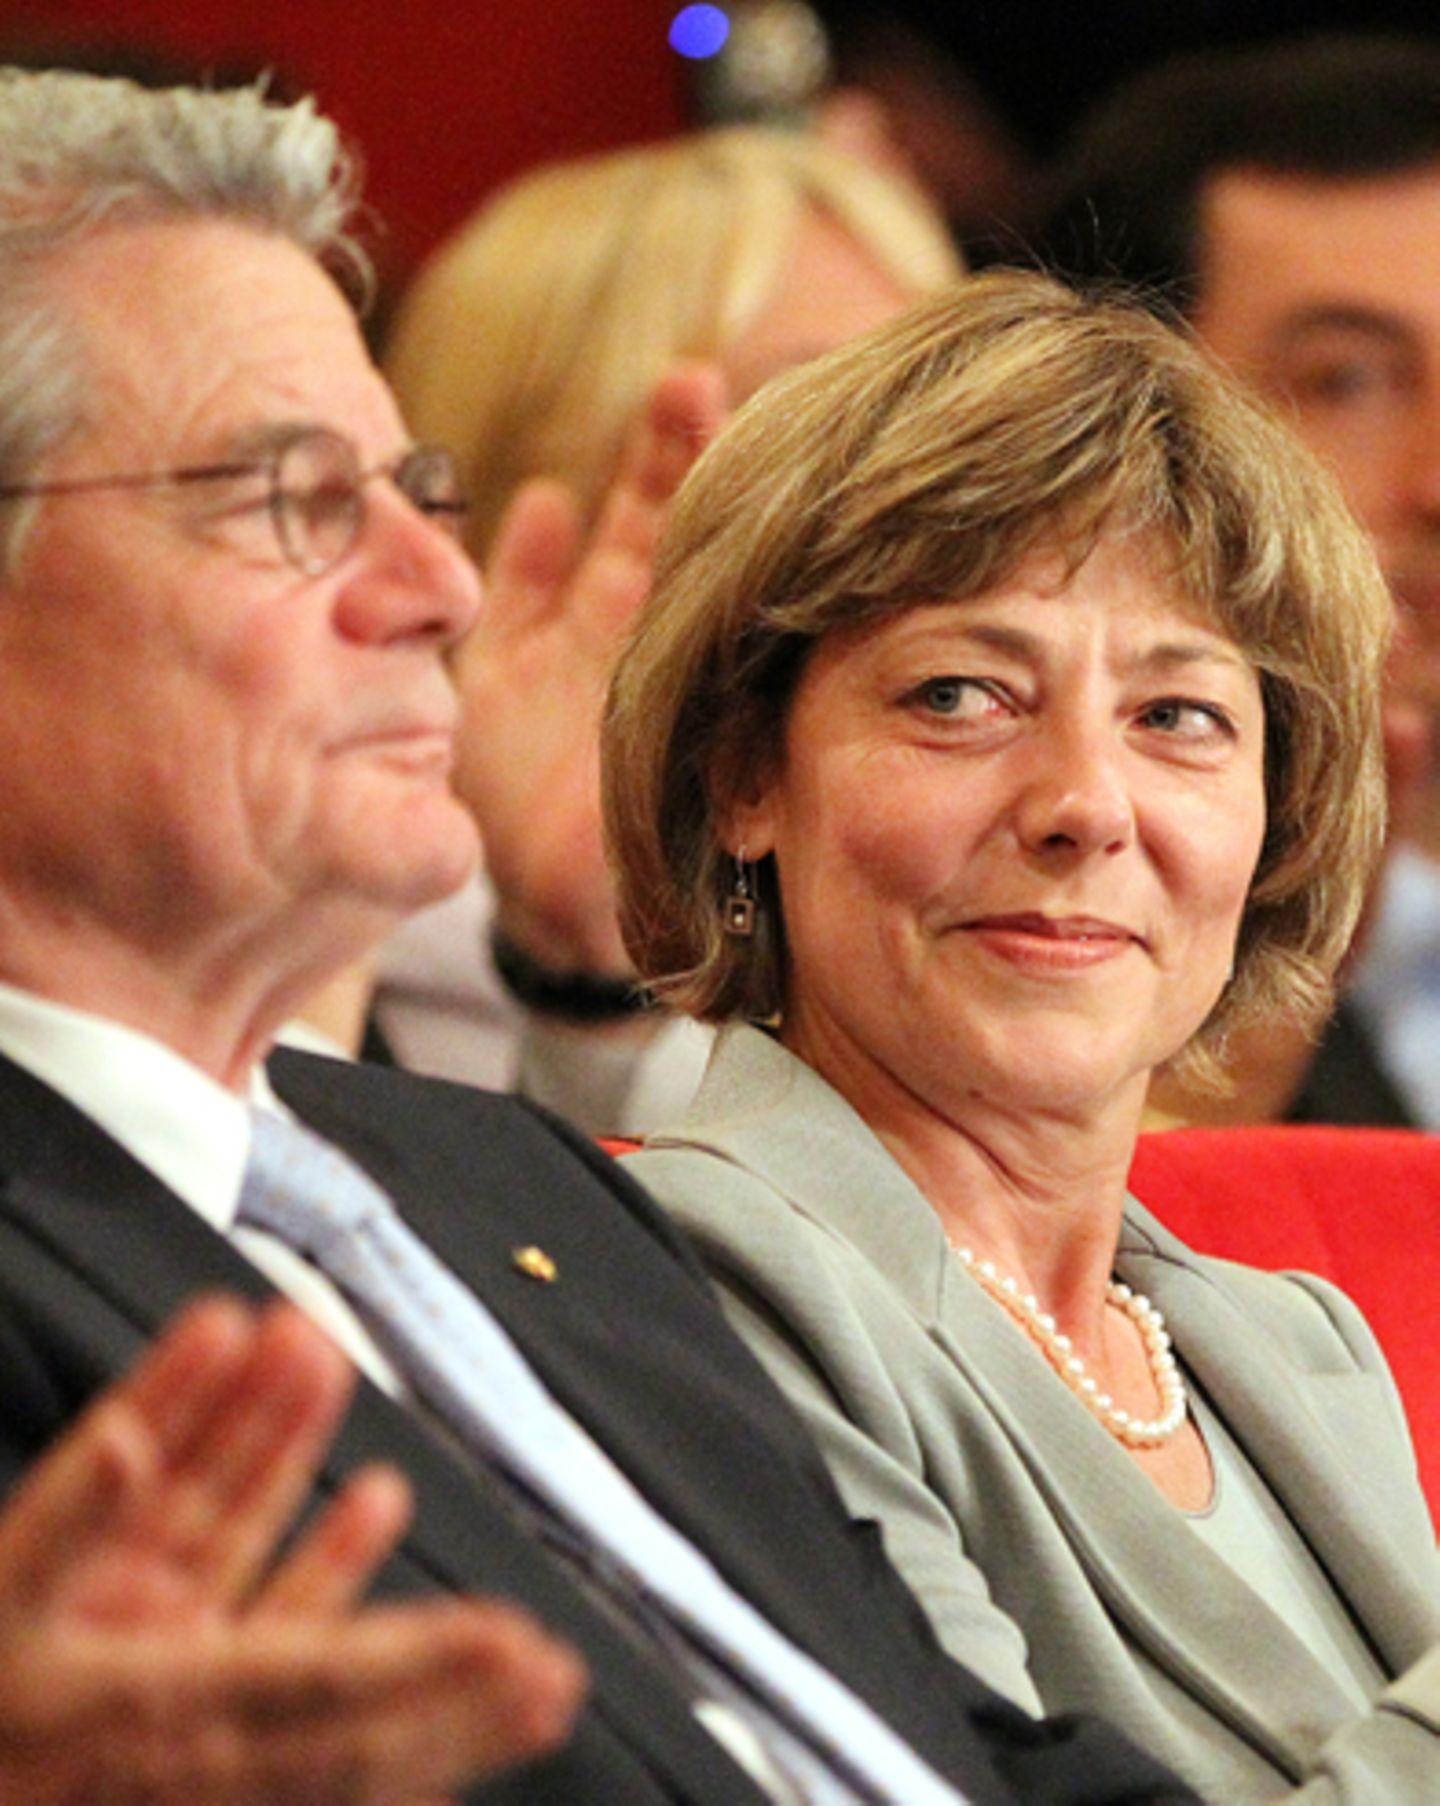 Daniela Schadt und Joachim Gauck